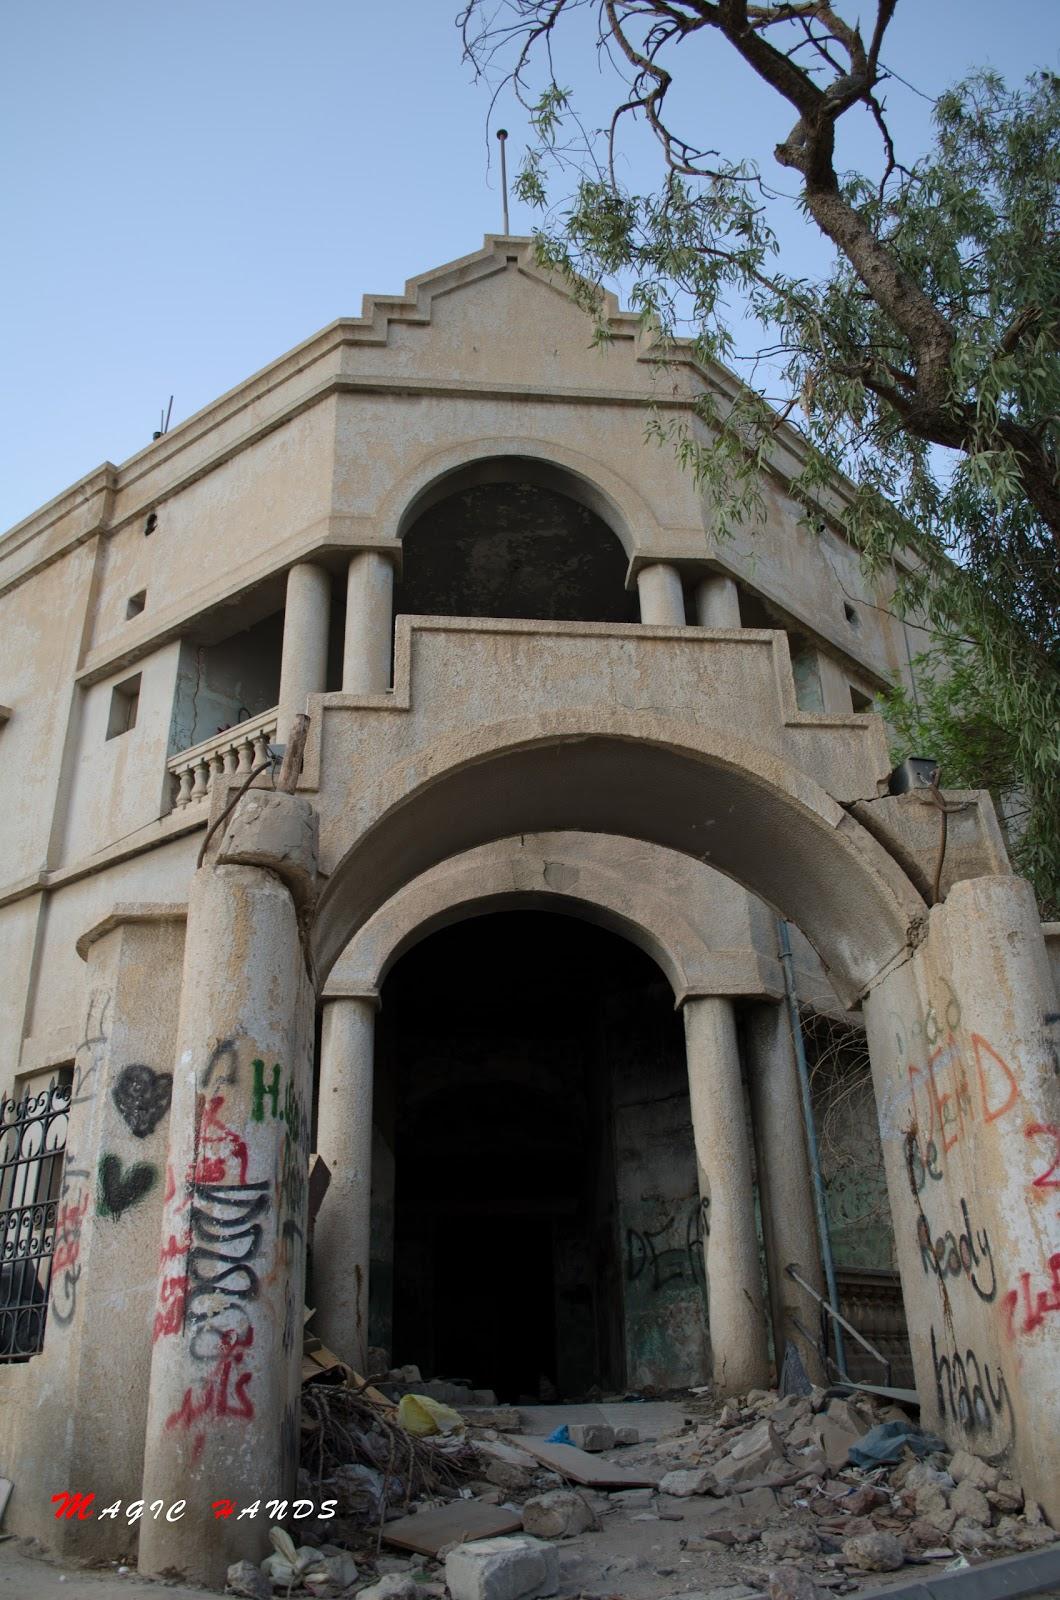 Photo Magic Hands: Old Amiri Hospital Kuwait